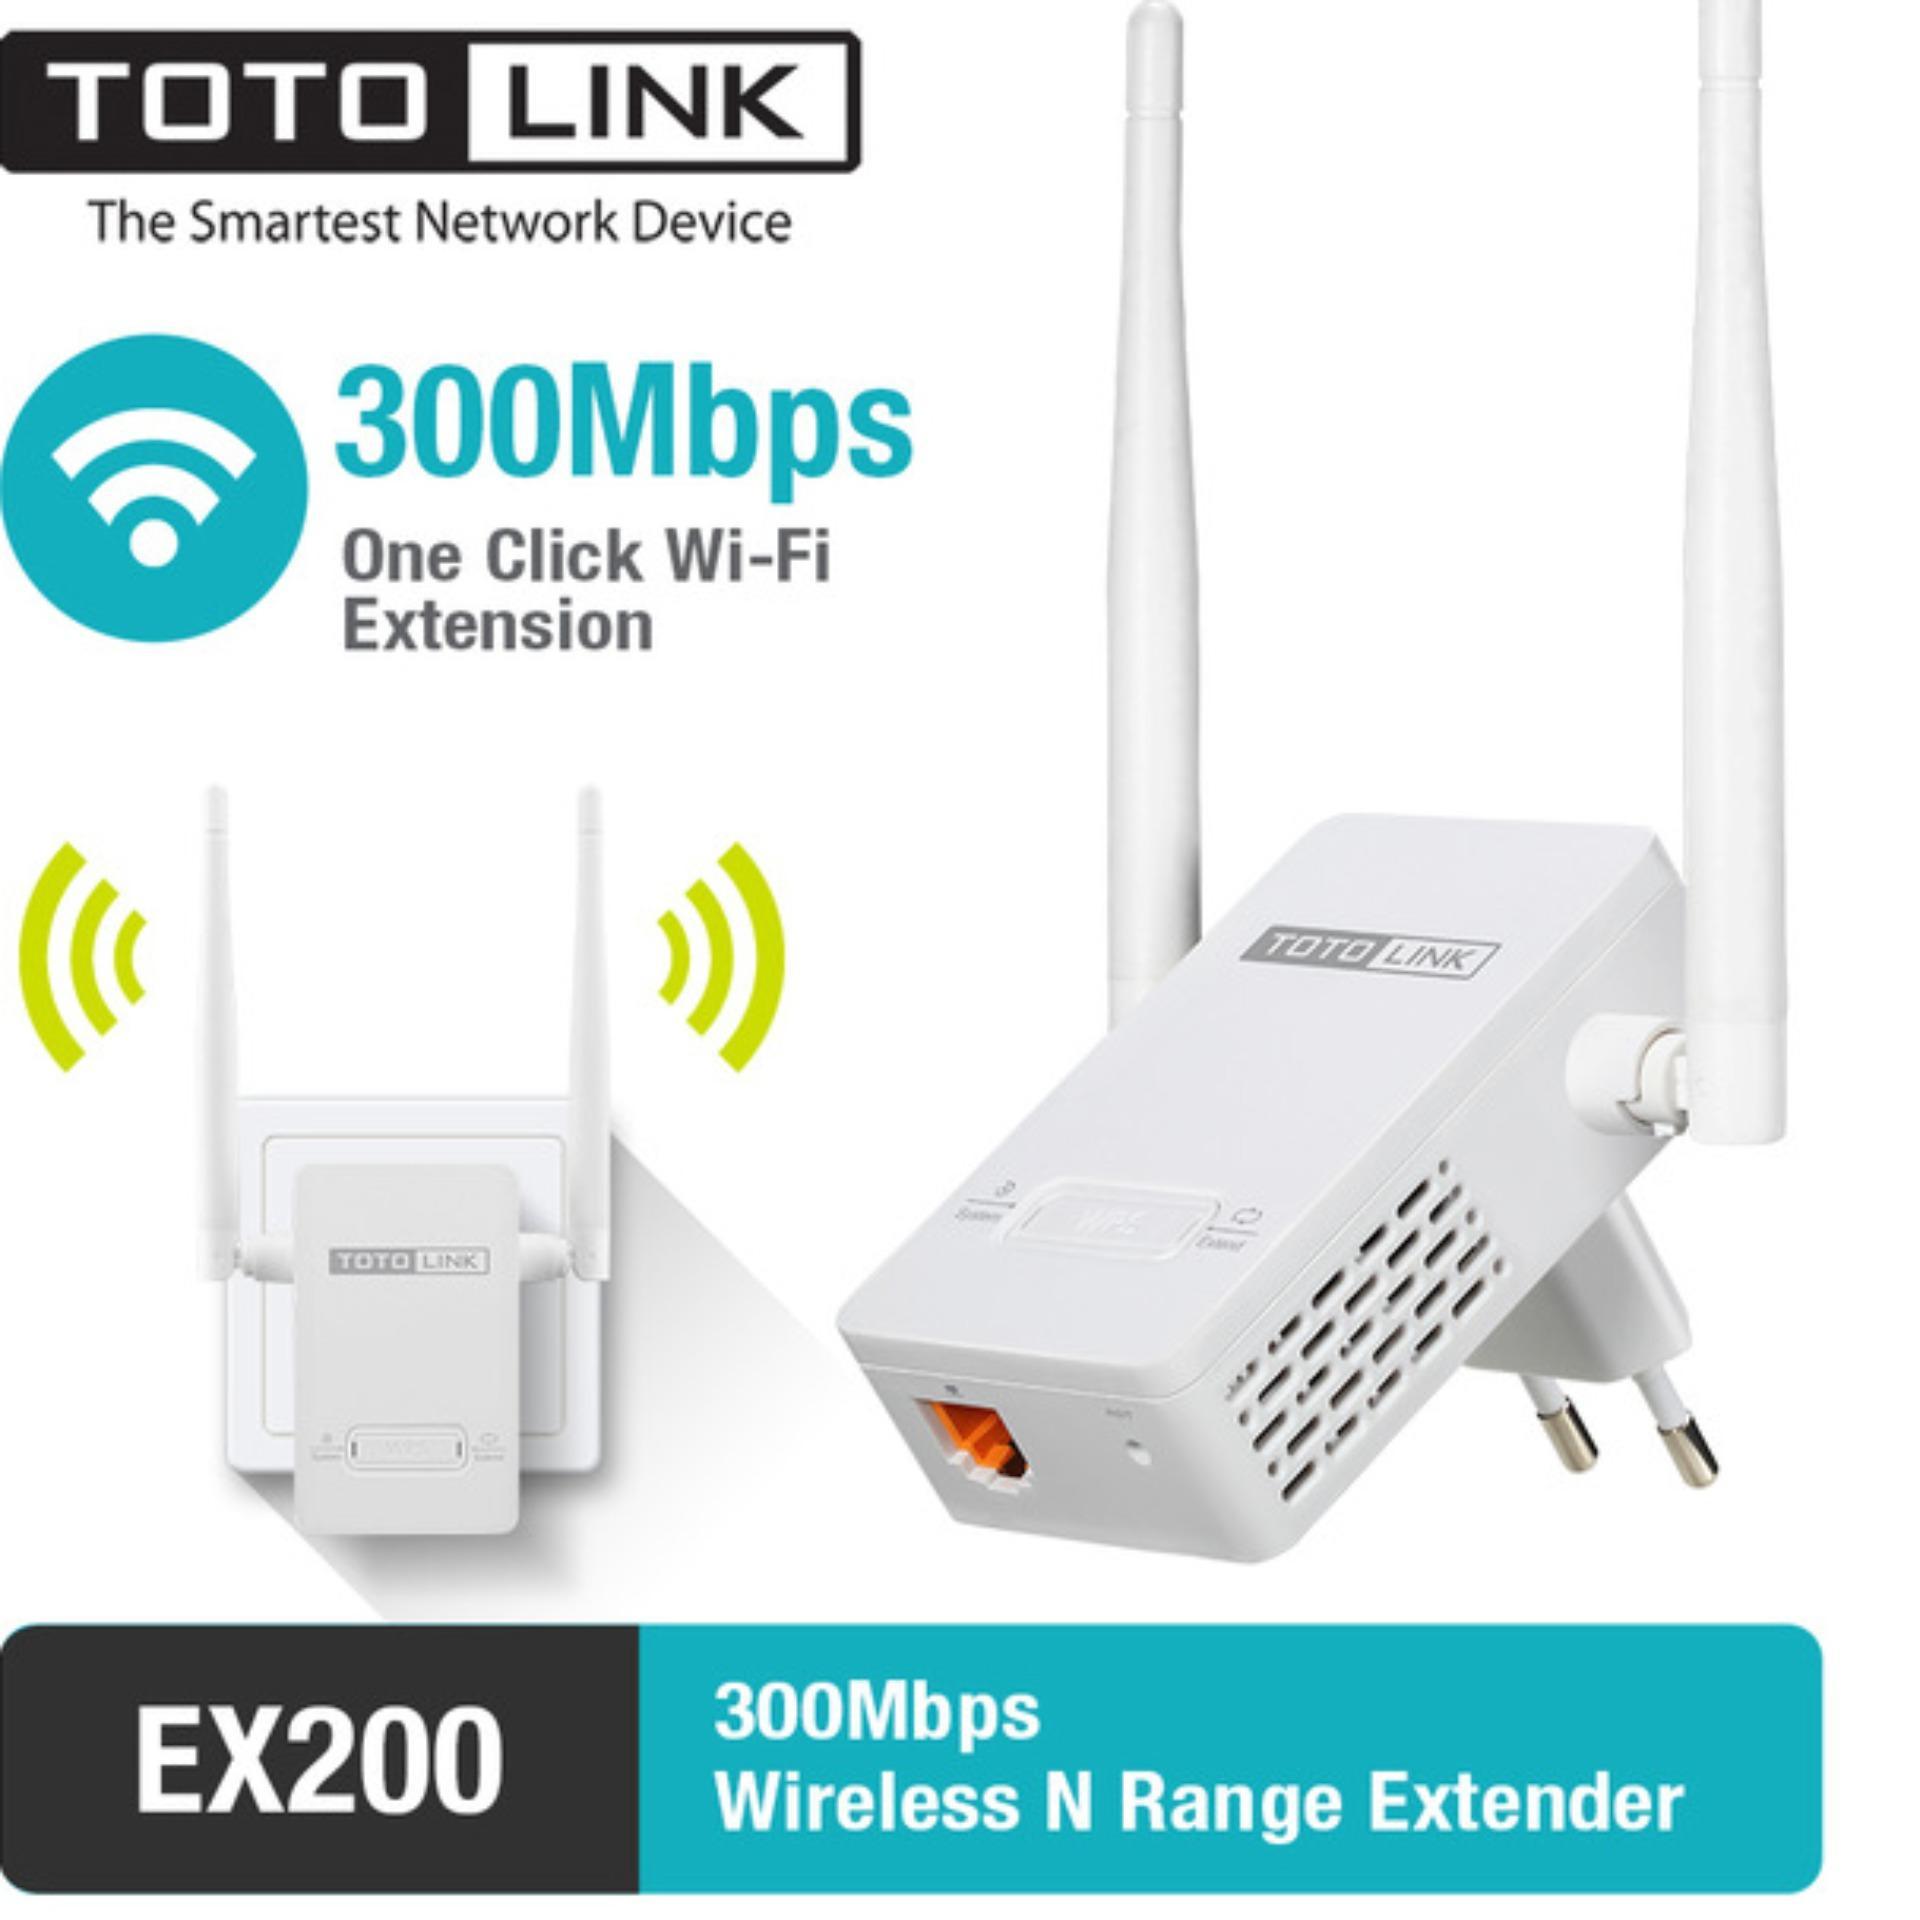 Bộ Mở Rộng Sóng Wifi Chuẩn N Tốc Độ 300Mbps Totolink EX200 (Trắng) - Hãng Phân Phối Chính Thức Giá Hot Siêu Giảm tại Lazada